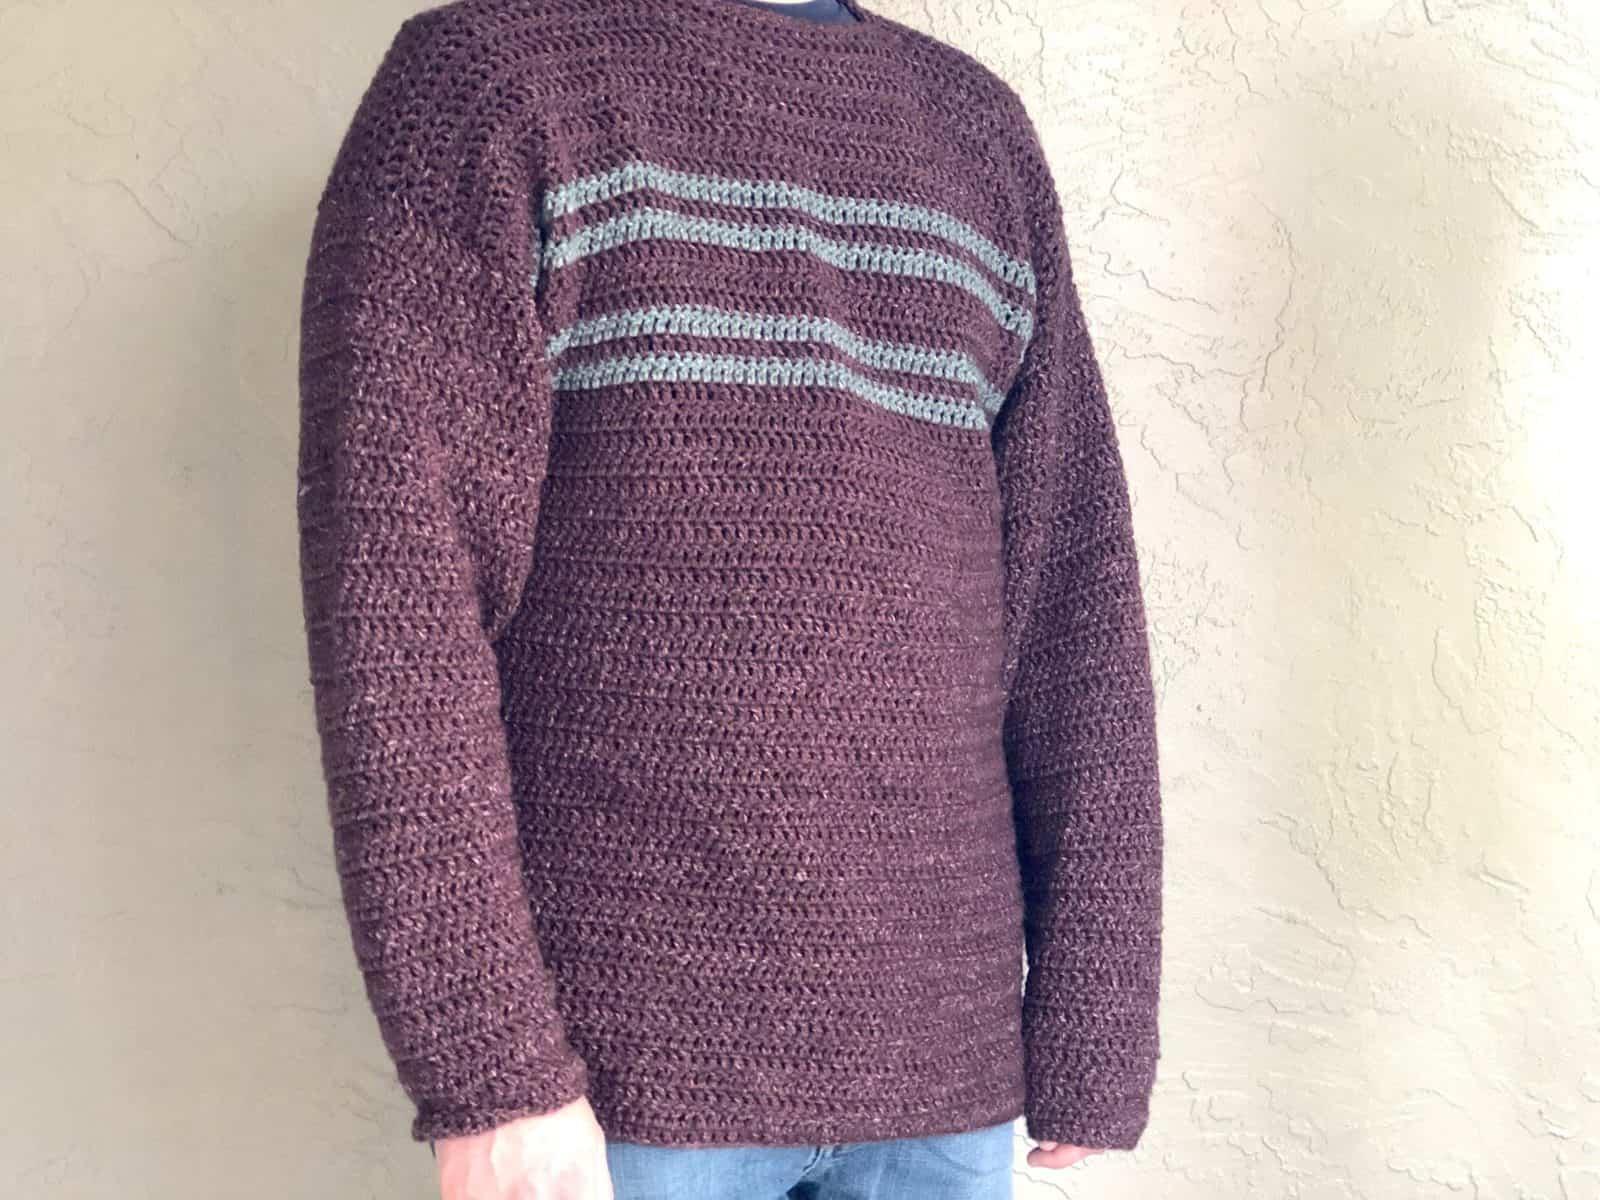 Men's Simple Striped Sweater a Free Crochet Pattern